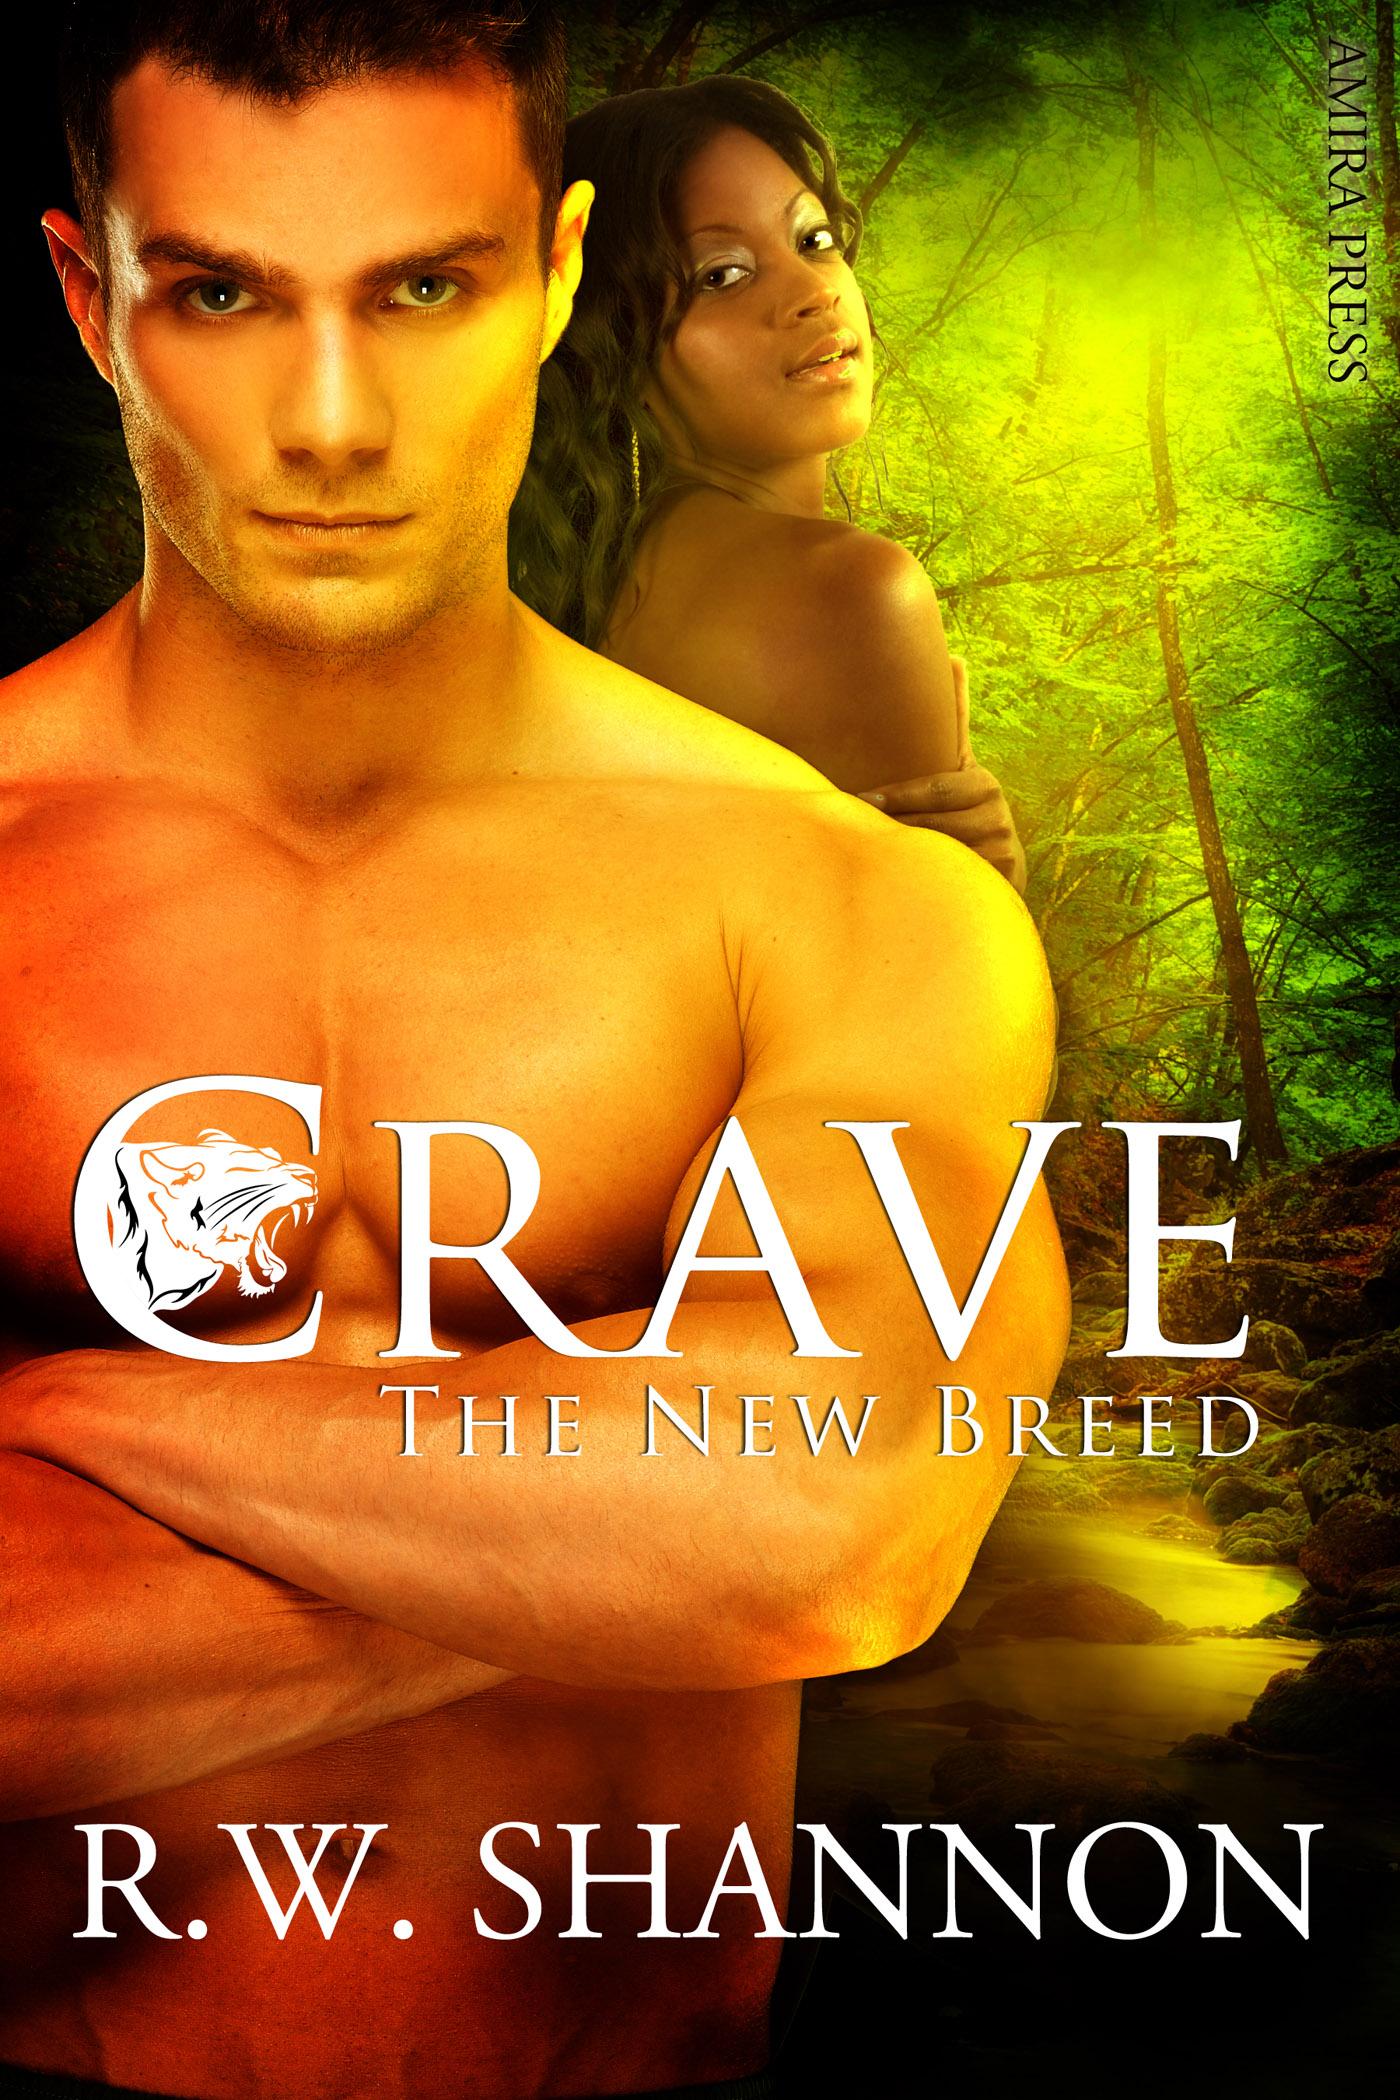 R. W. Shannon - Crave